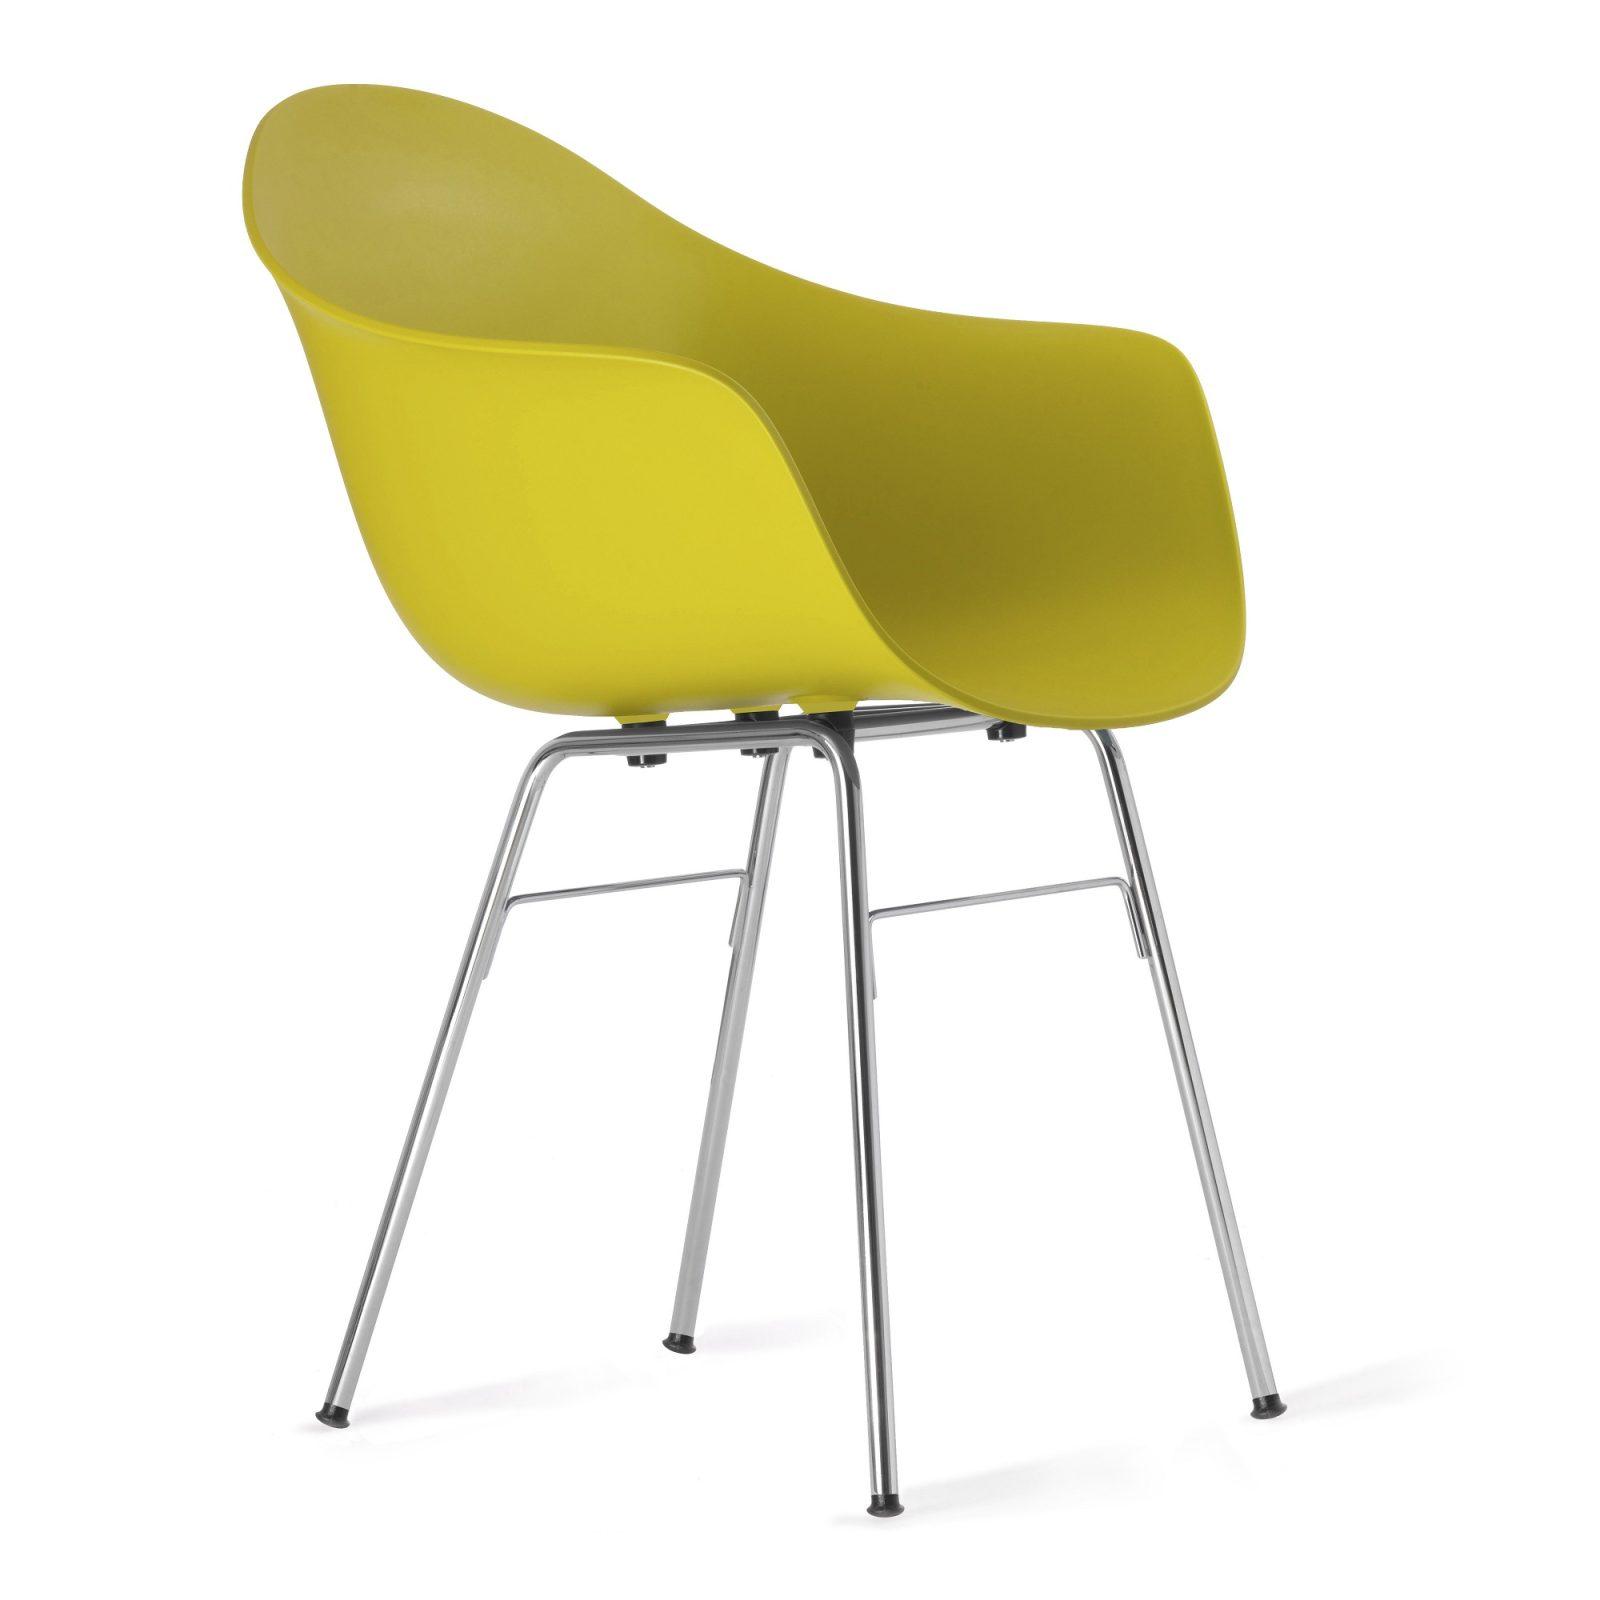 ta-armchair-mustard-seat-9